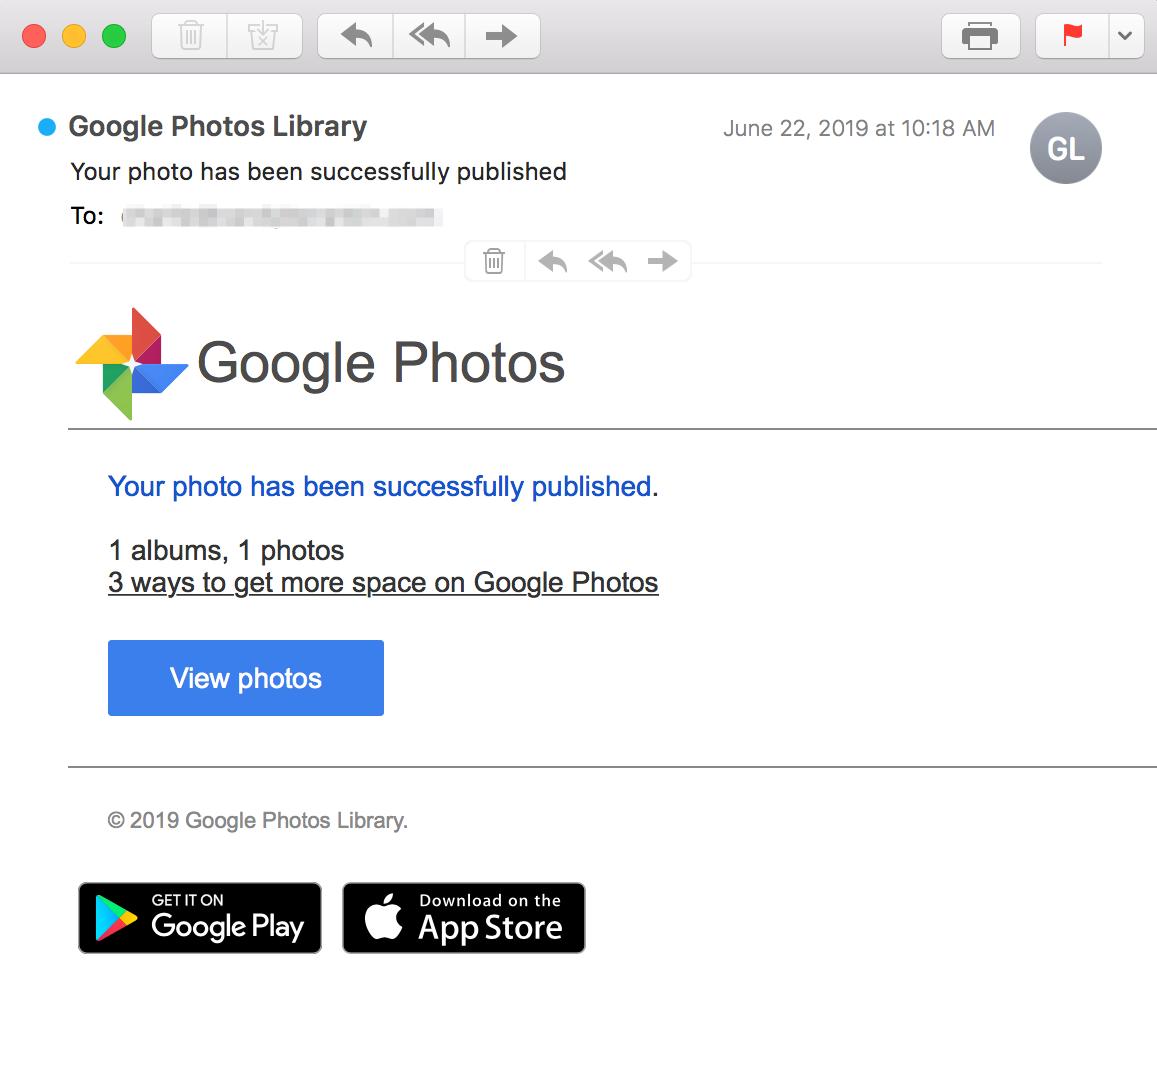 GooglePhotosPhishingEmail